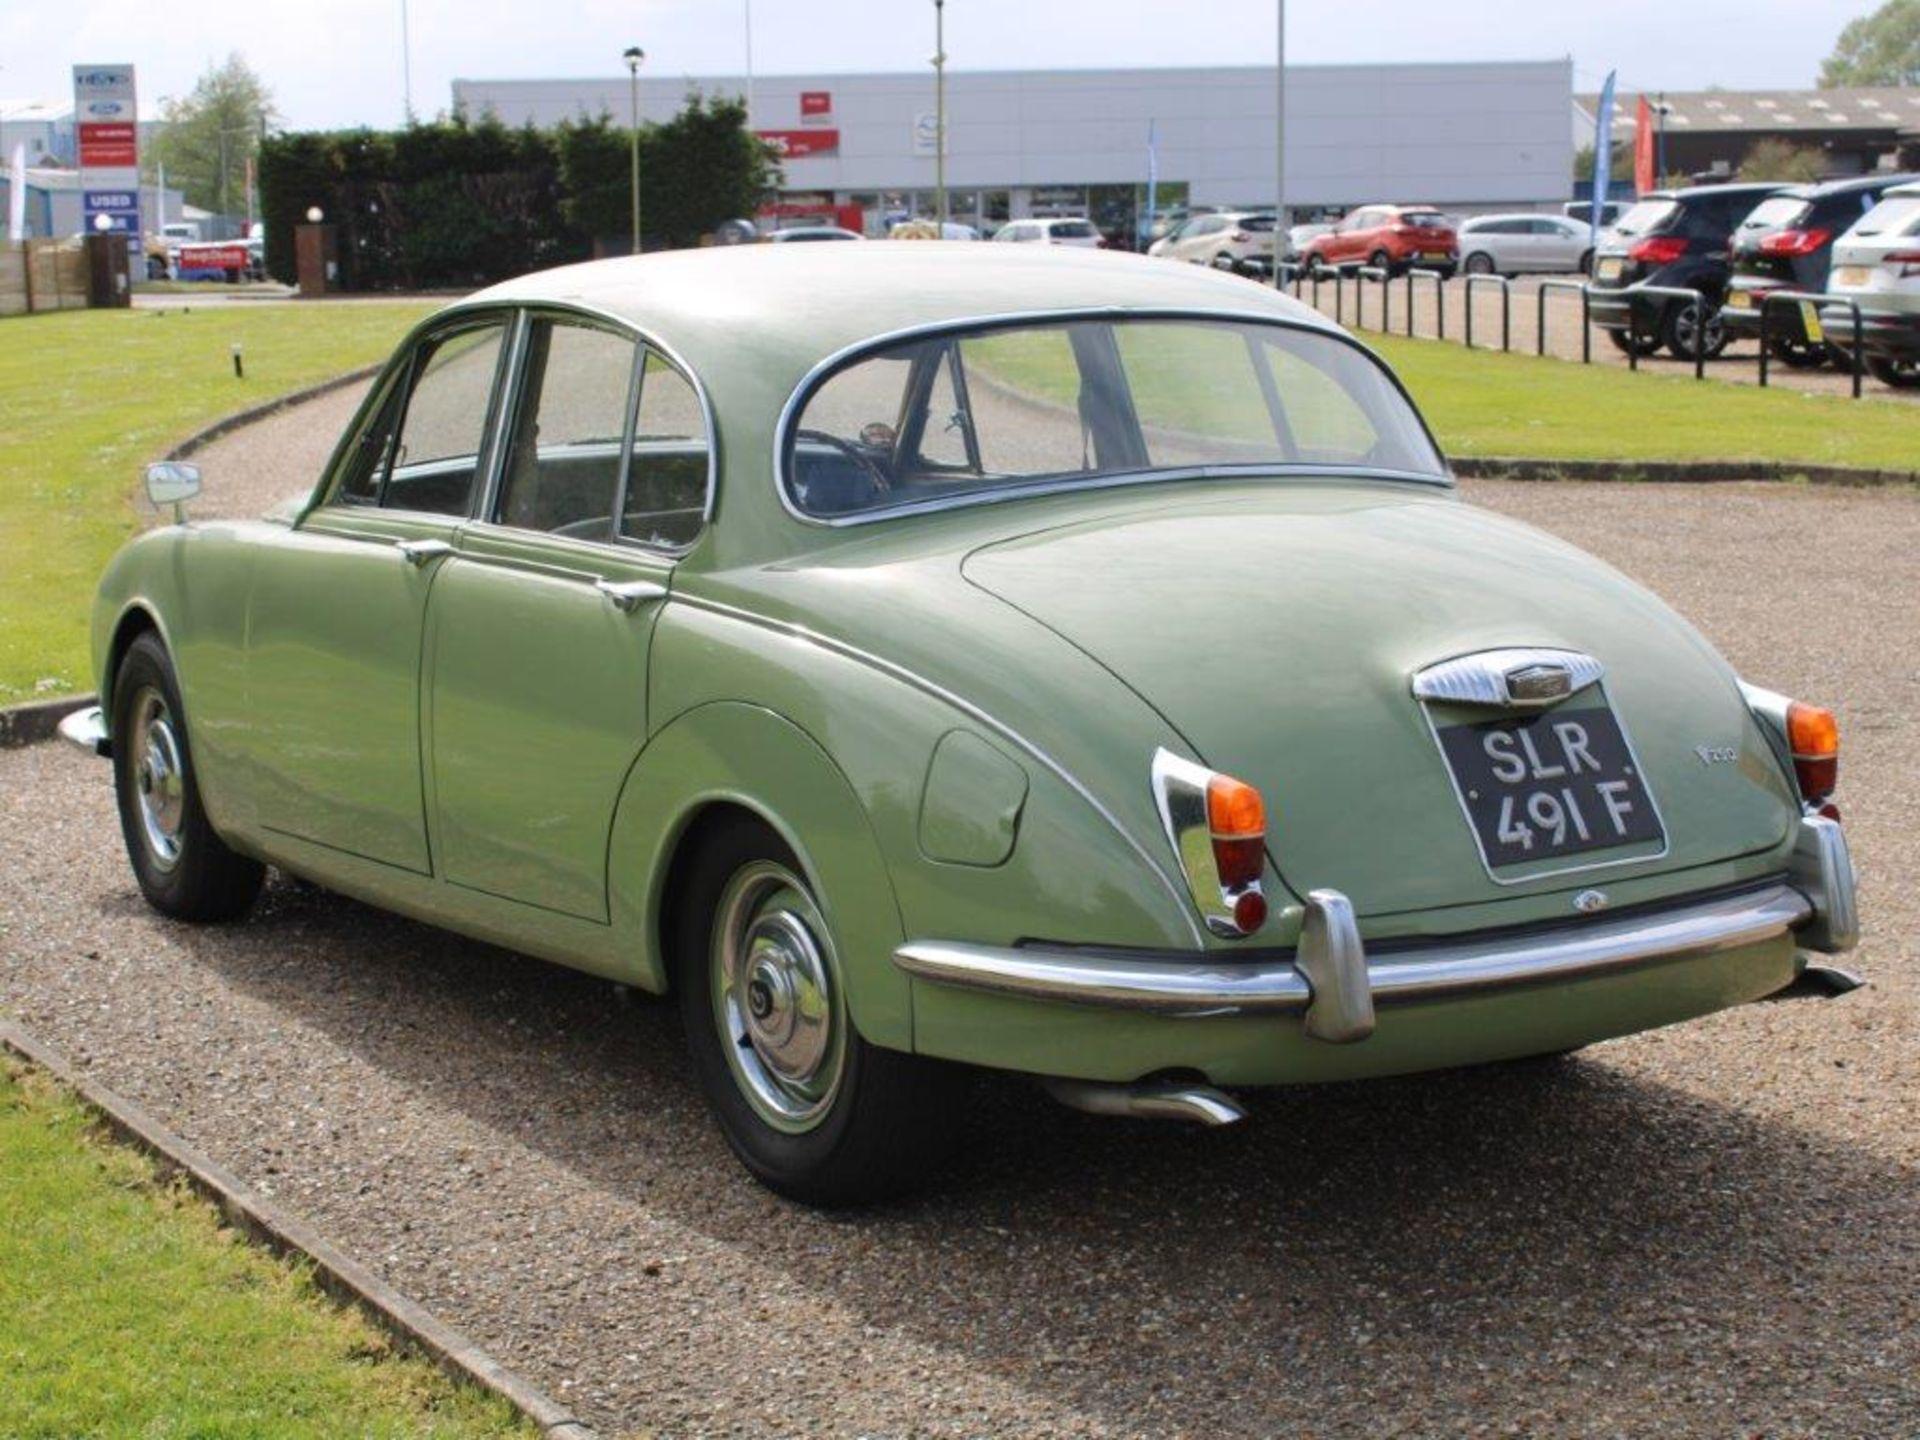 1968 Daimler V8 250 Auto - Image 6 of 30